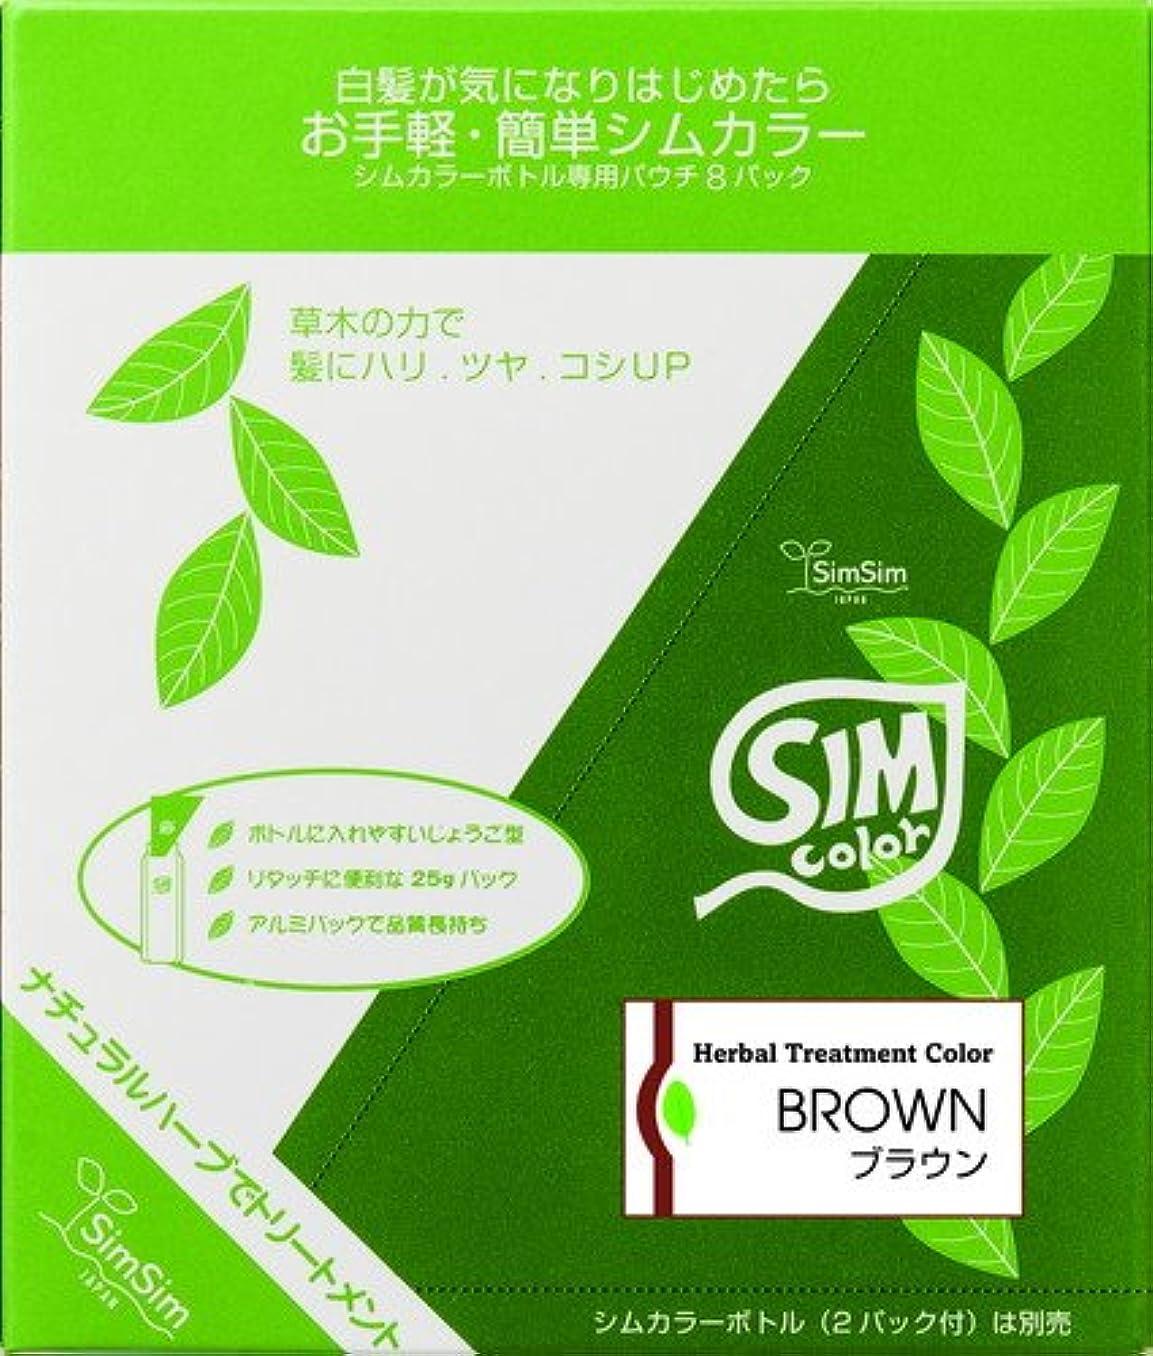 野望太平洋諸島魅了するSimSim(シムシム)お手軽簡単シムカラーエクストラ(EX)25g 8袋 ブラウン